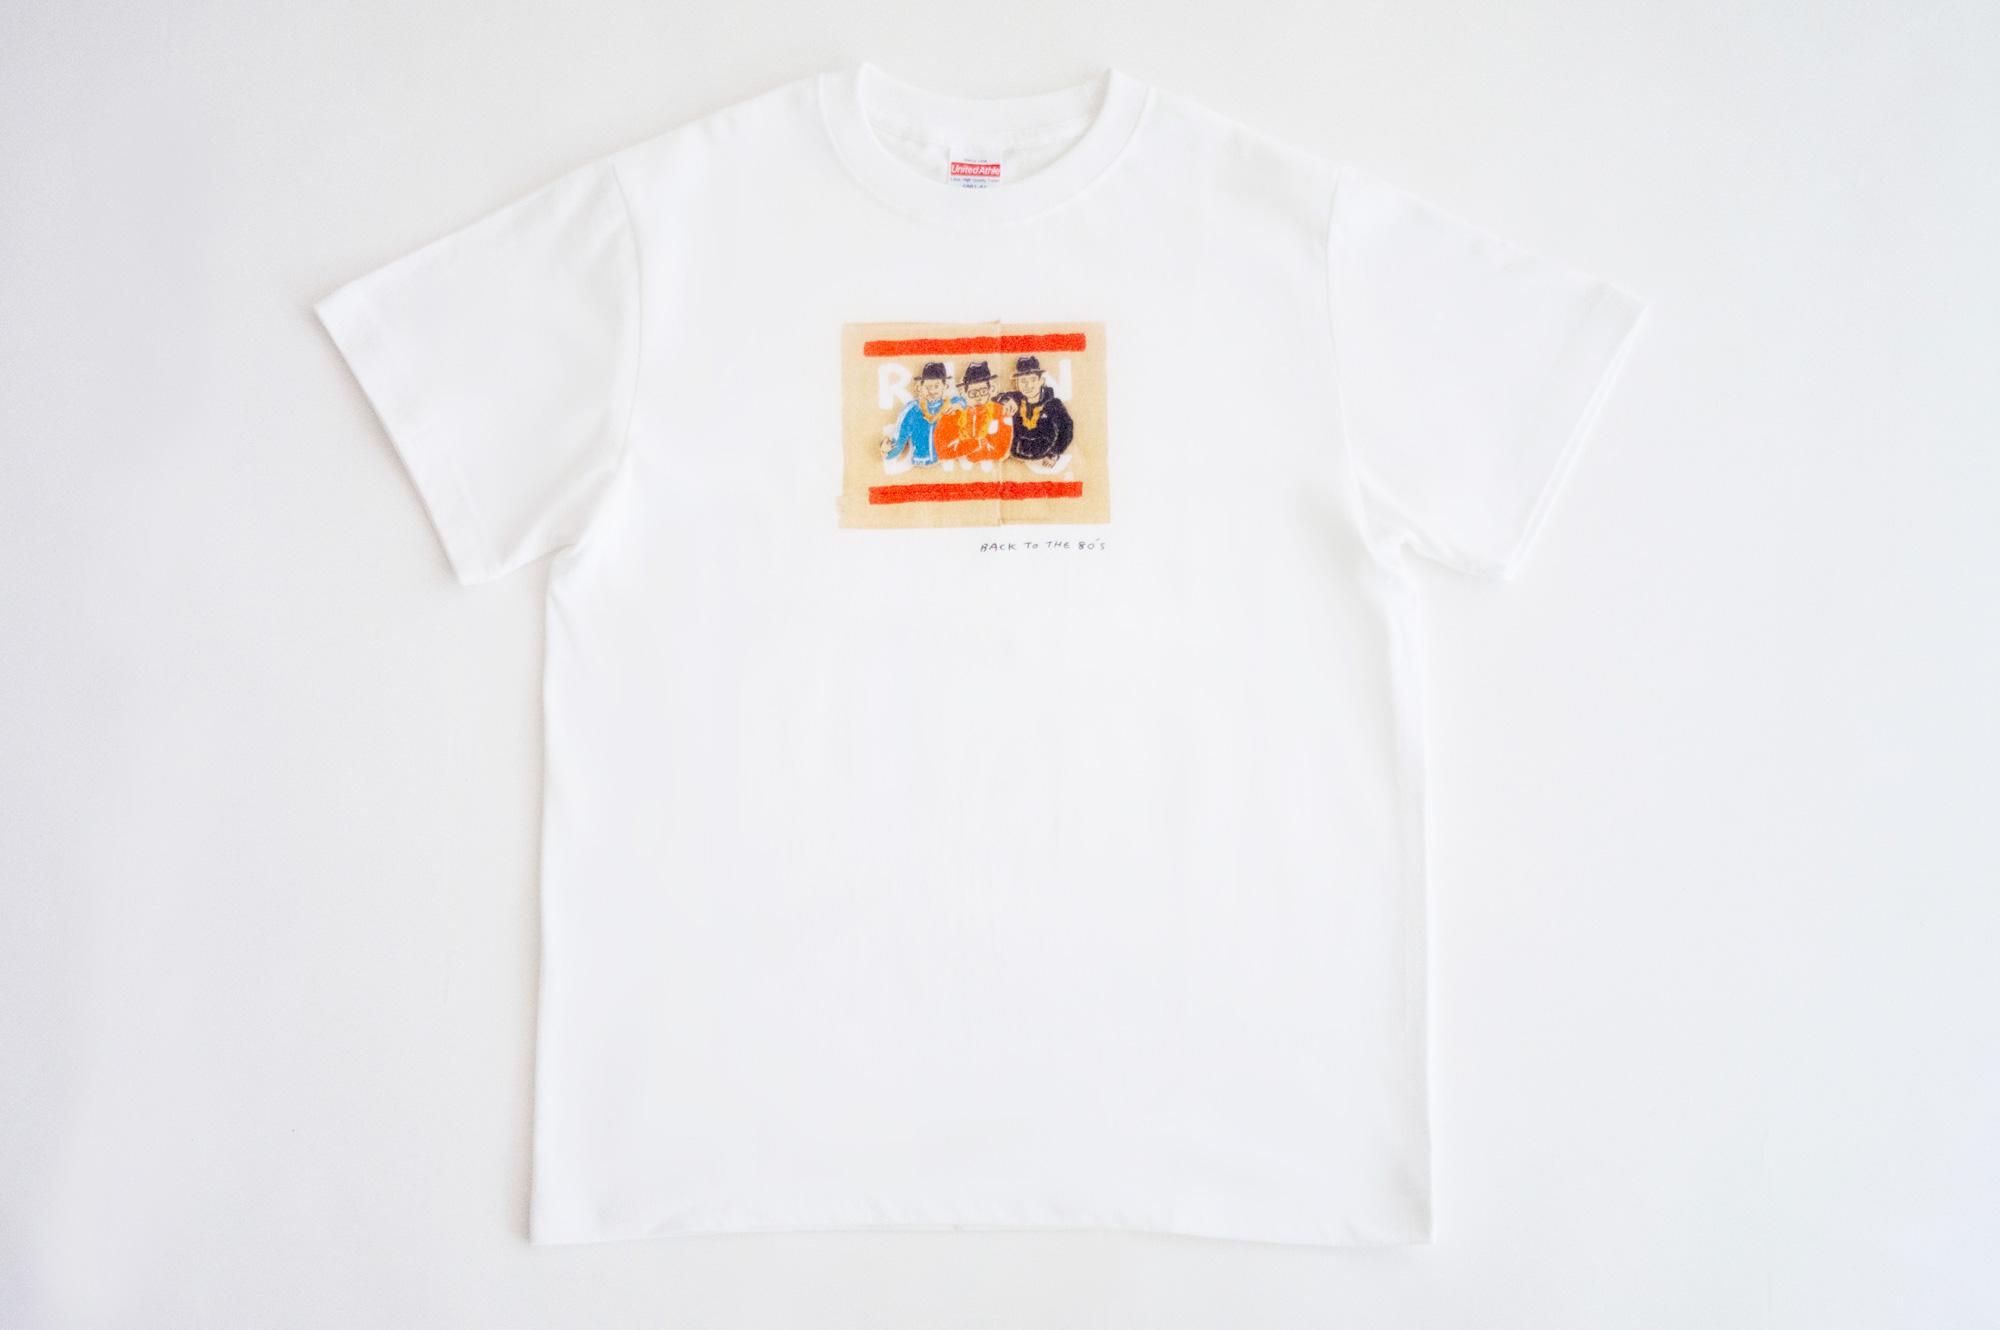 ダテユウイチ BACK TO THE 80's おとなTシャツ